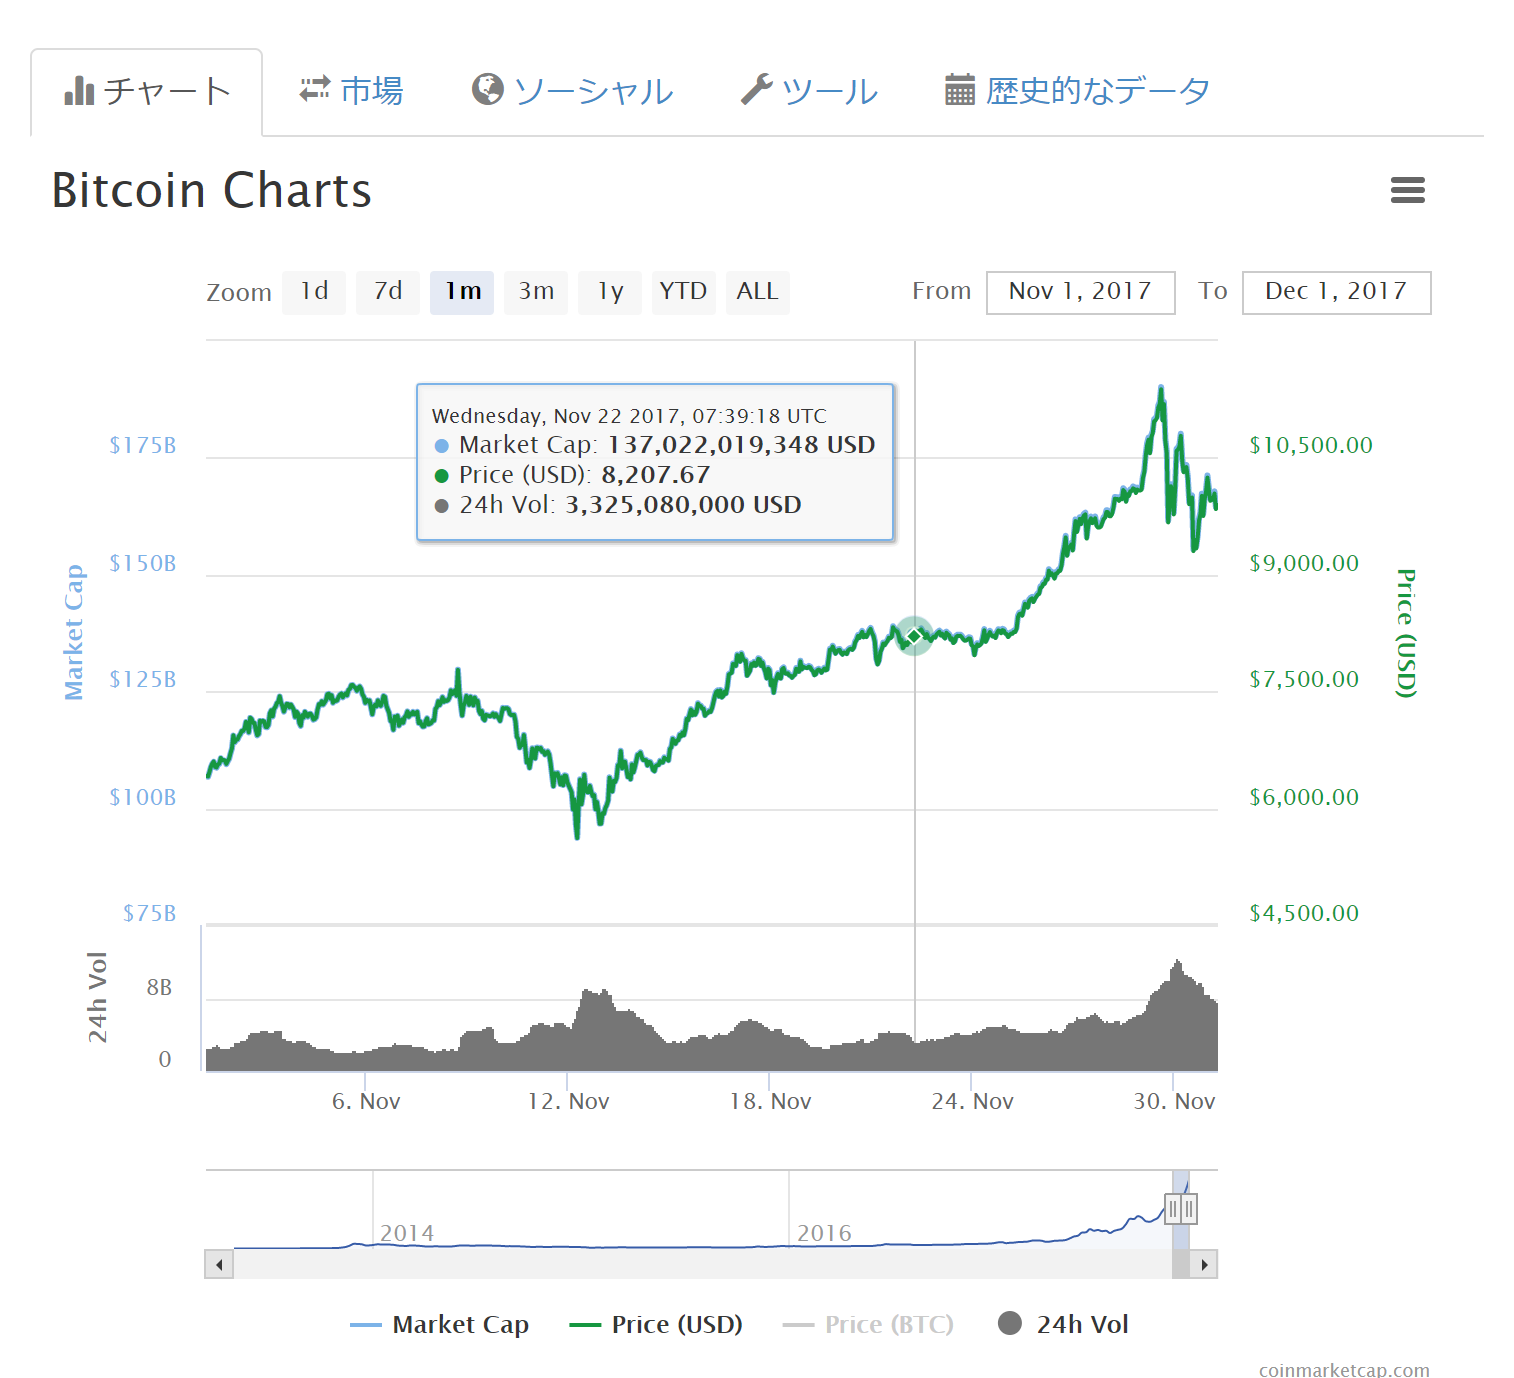 ビットコインチャート11月